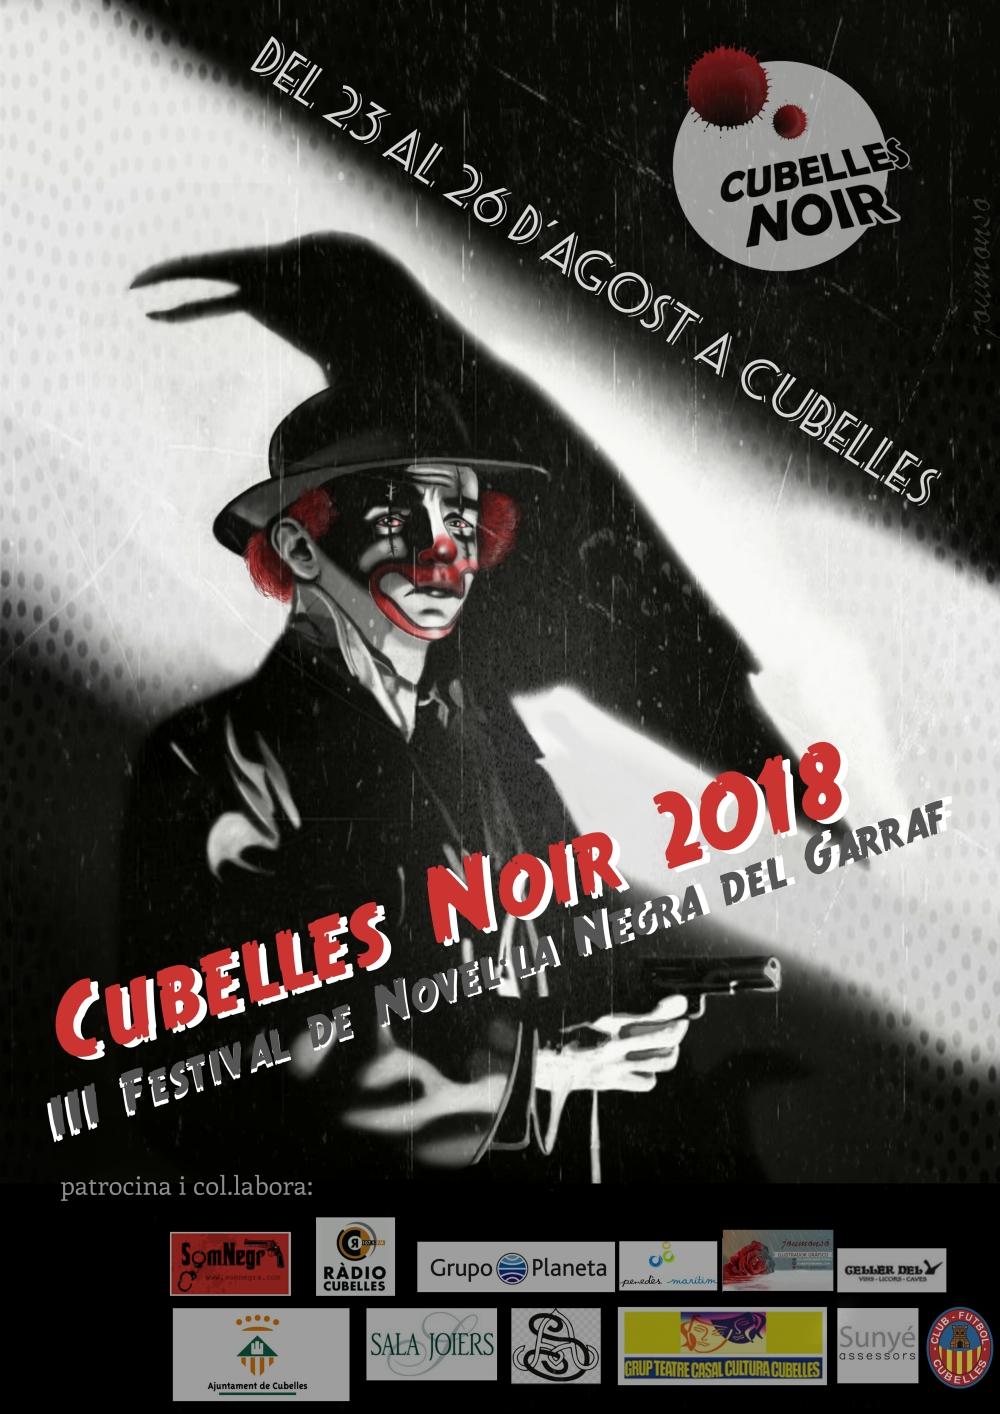 Cartell Cubelles Noir 2018